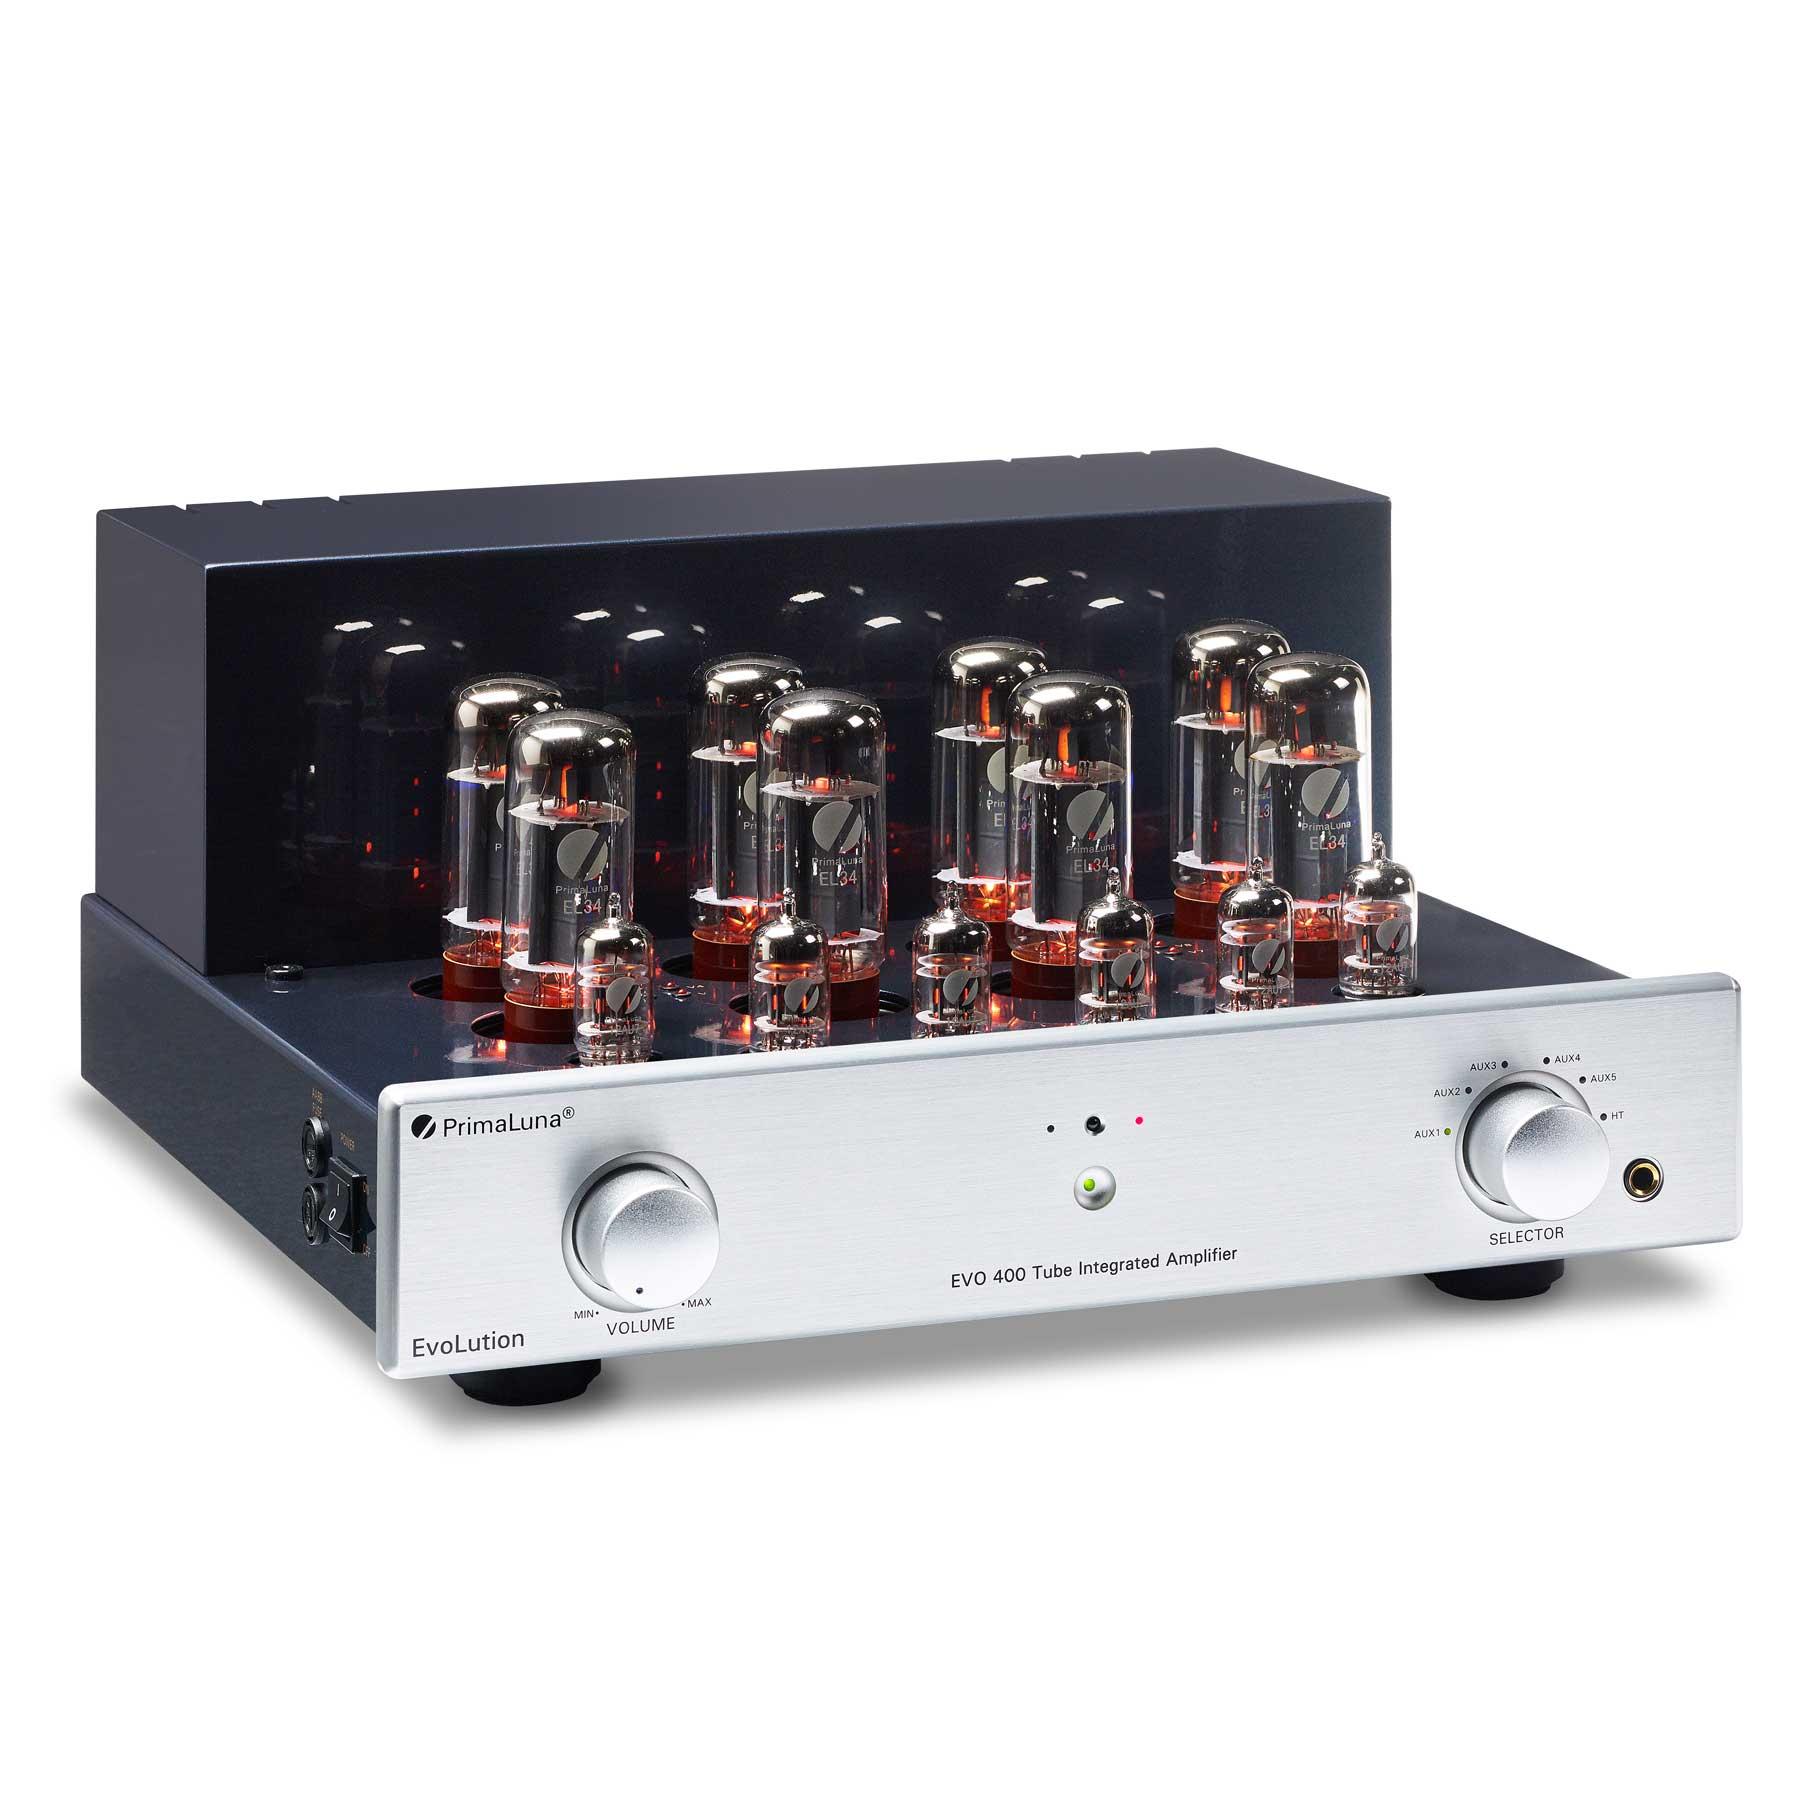 PrimaLuna EVO 400 Tube Integrated Amplifier (EL34)